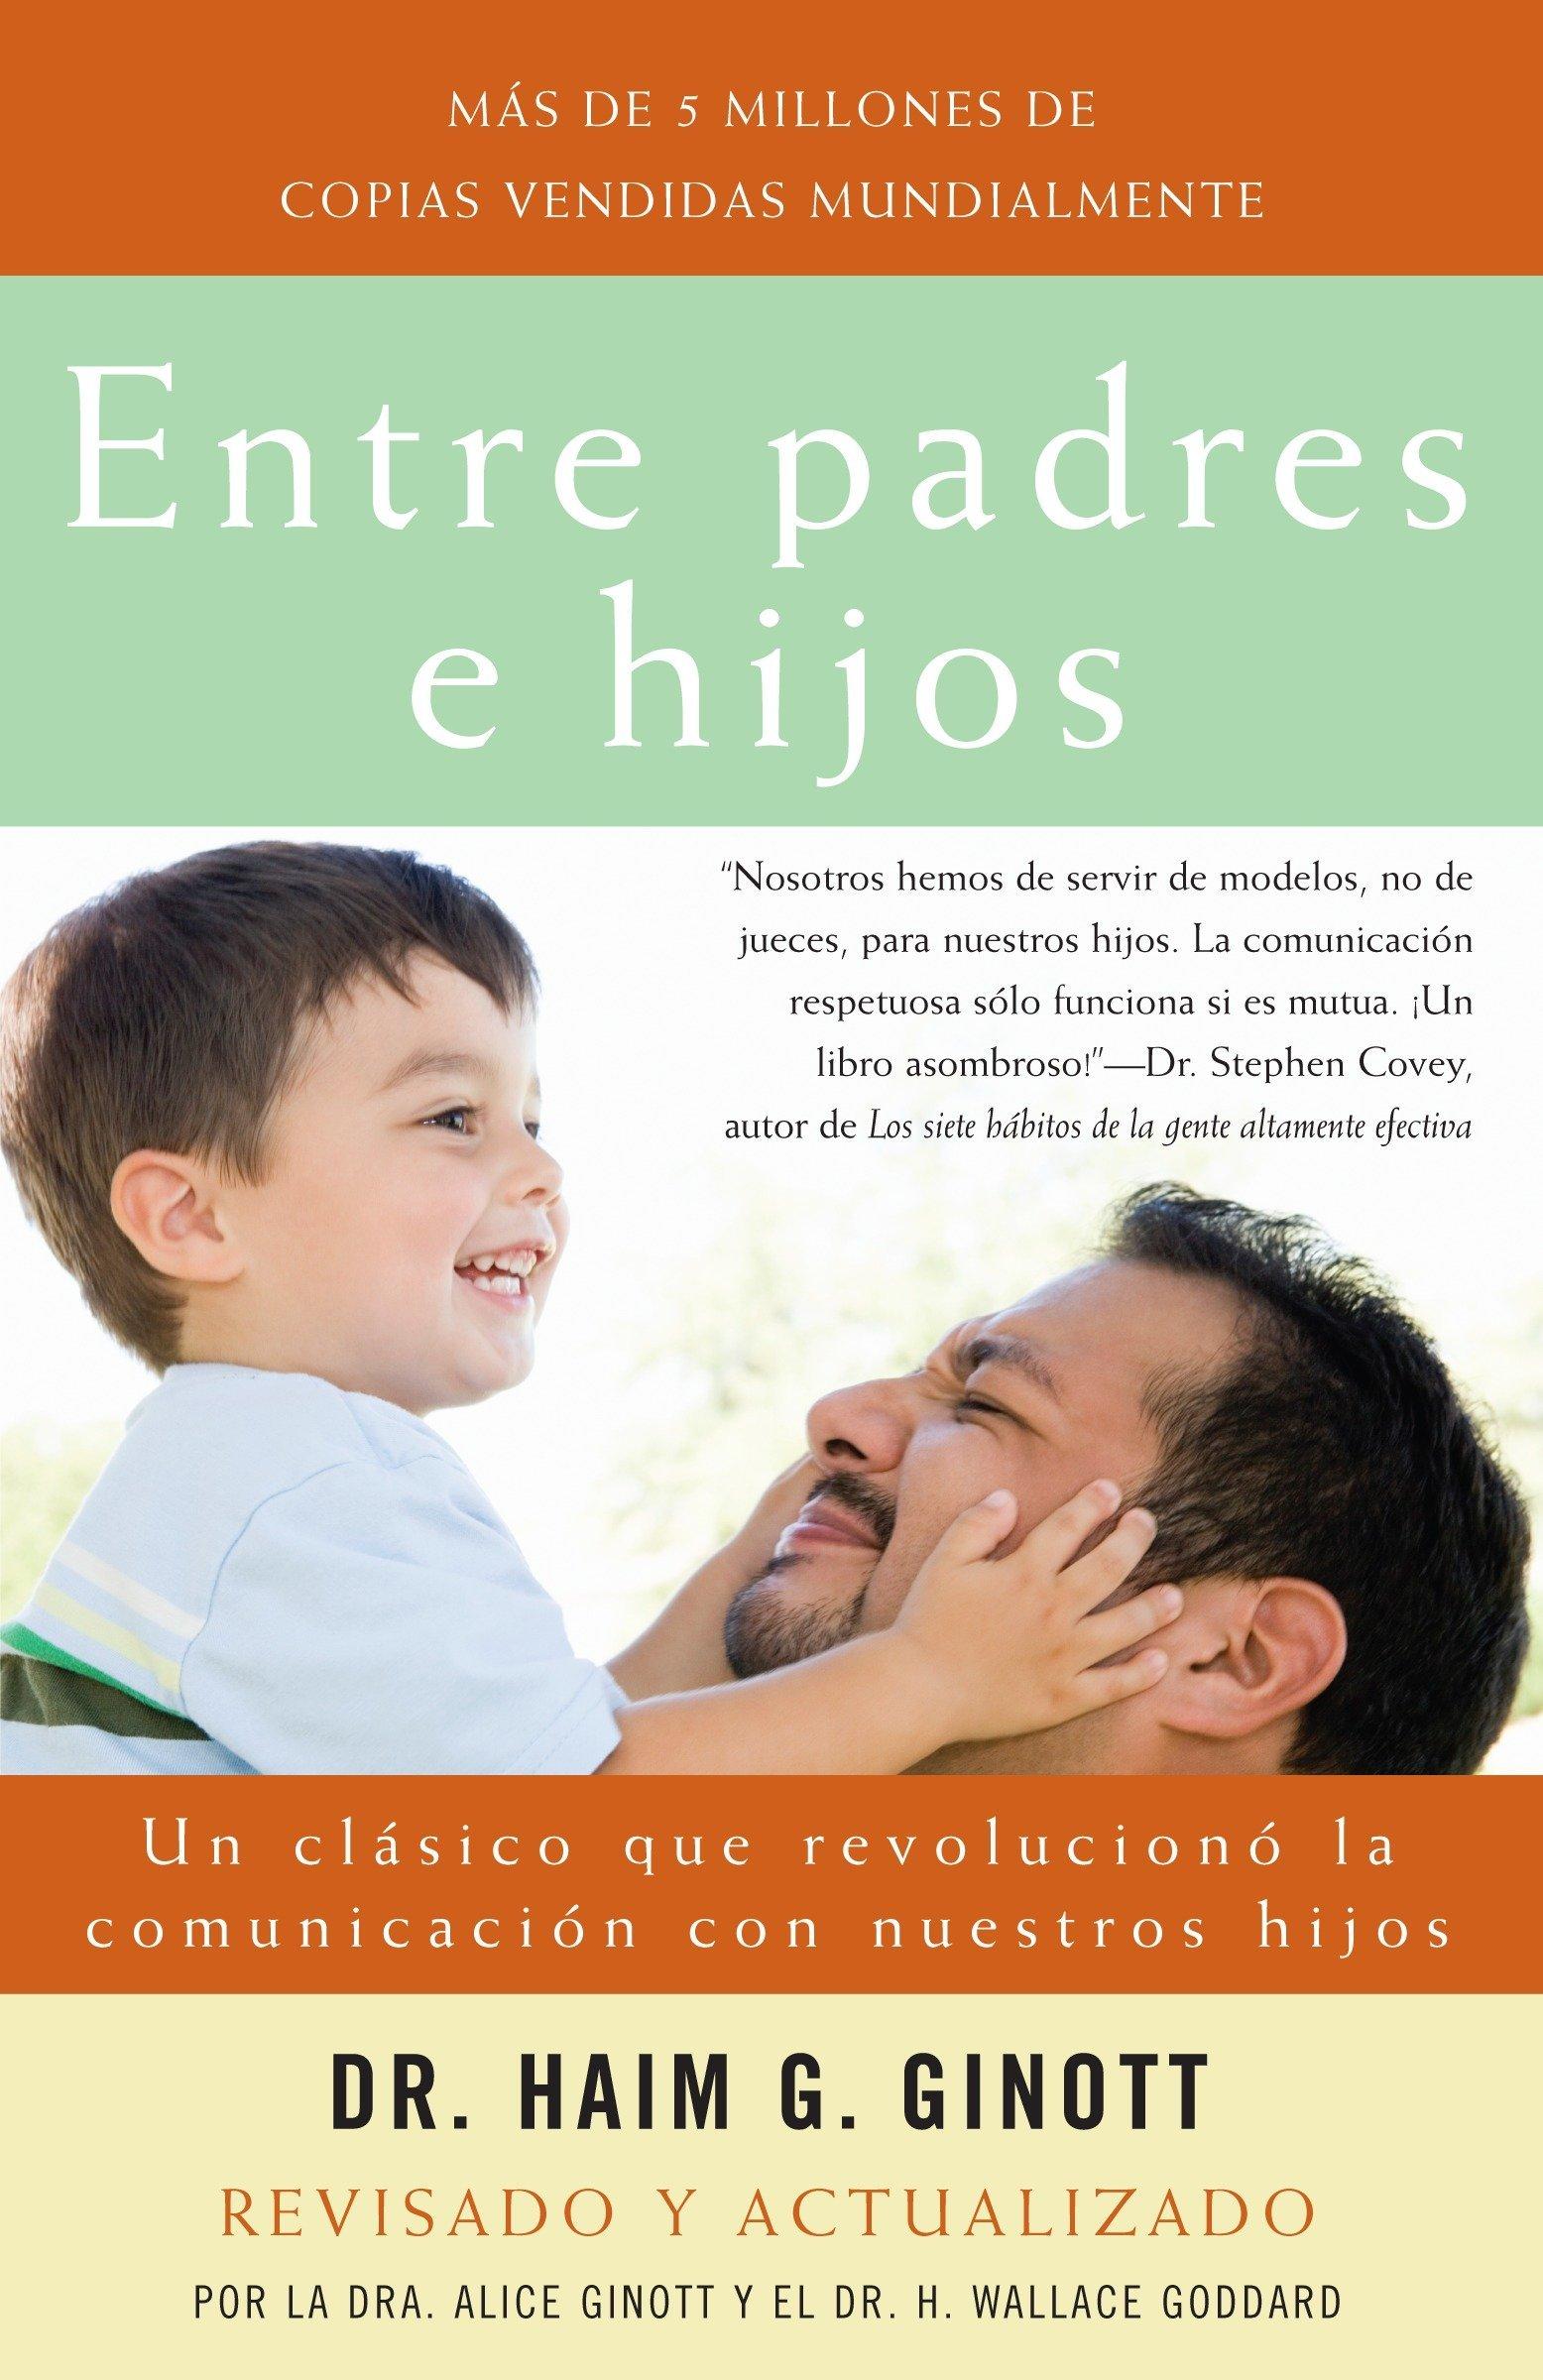 Entre padres e hijos: Un clásico que  revoluciono la comunicacion con nuestros hijos (Spanish Edition) ebook